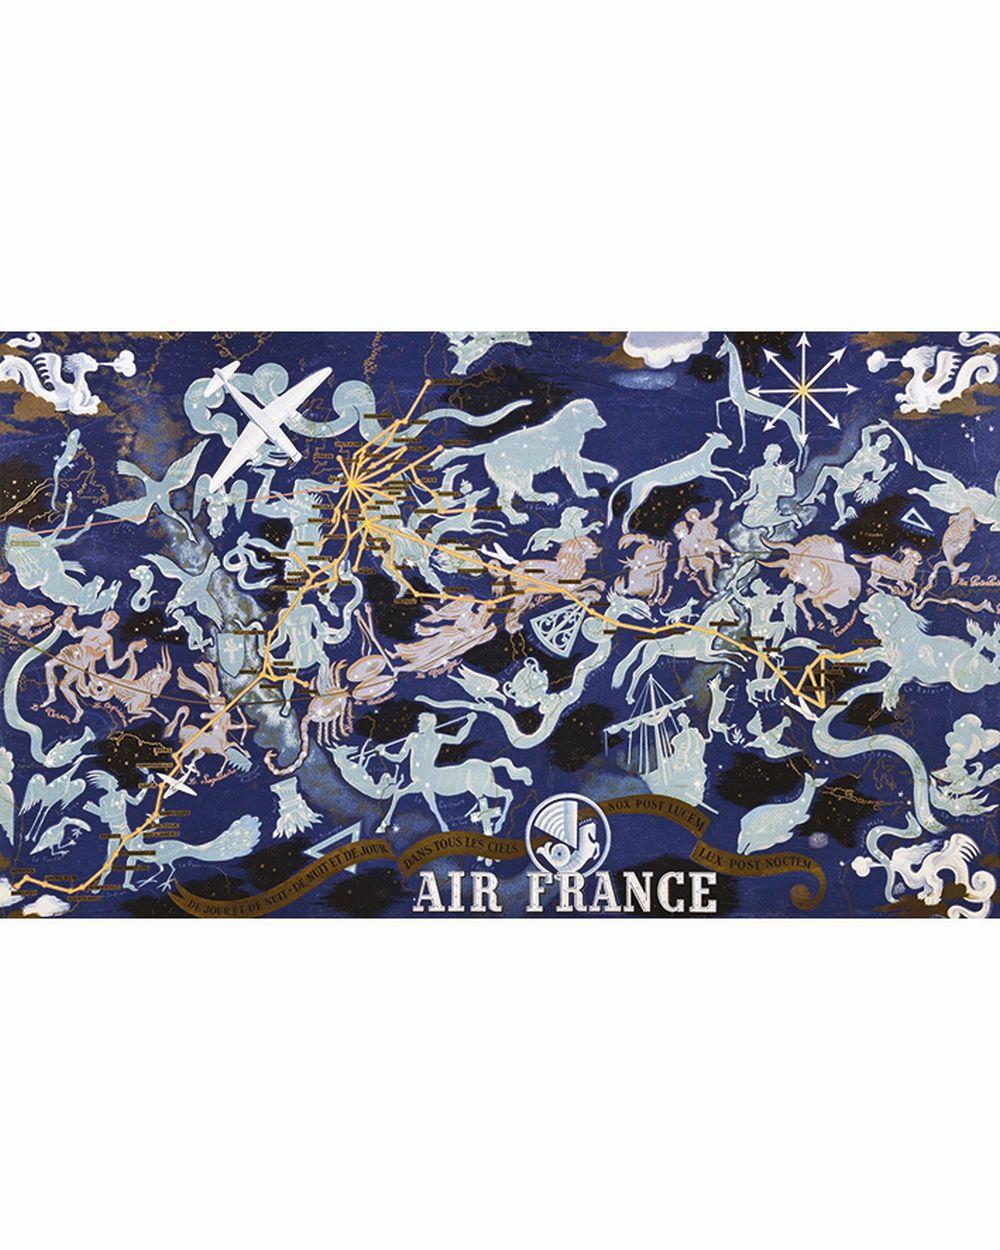 BOUCHER LUCIEN - De Jour & de Nuit - De Nuit & De Jours - Dans Tous Les Ciels Air France     1939